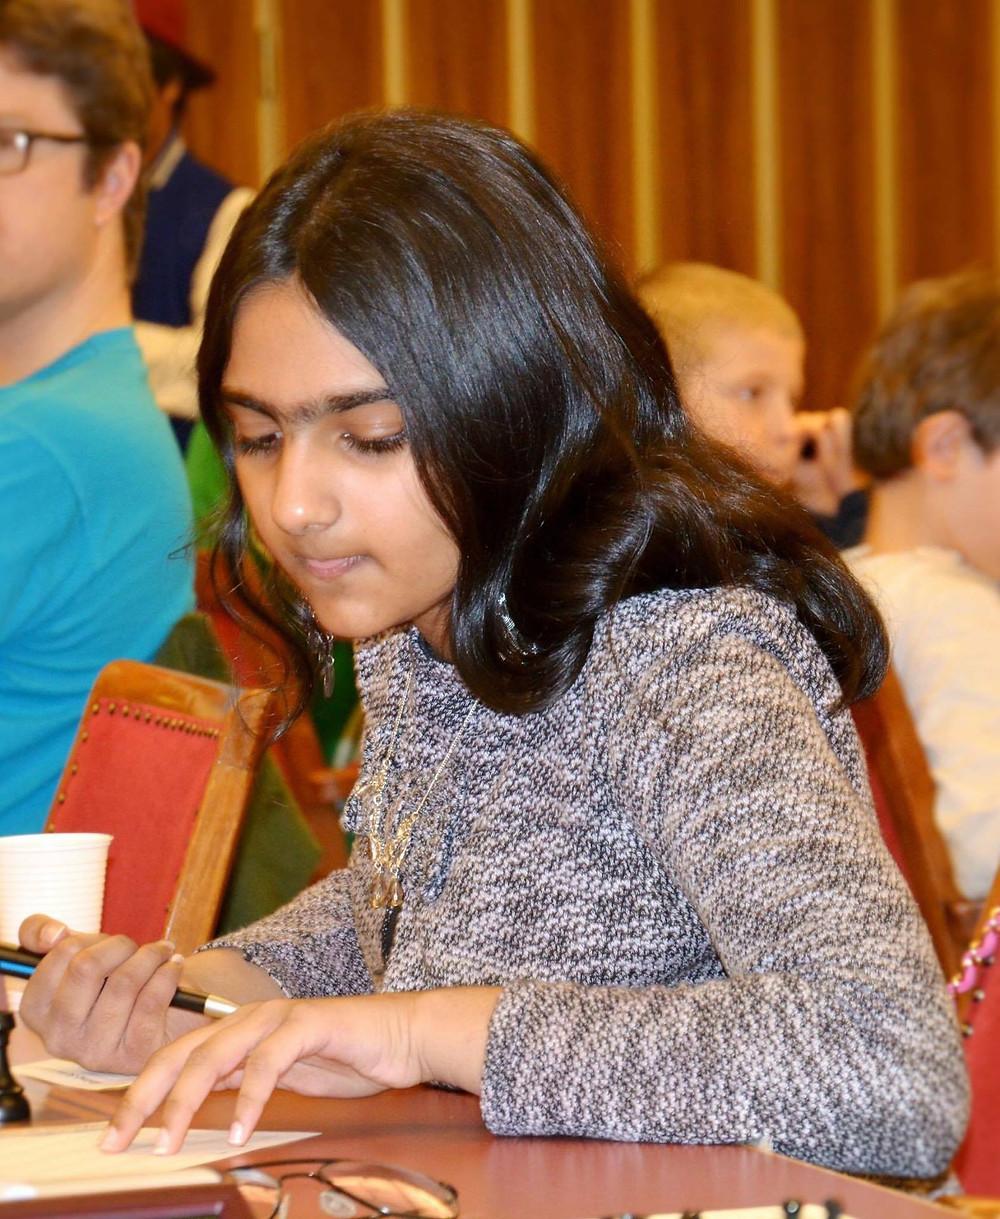 Alisha Shehzad tok 4,5 poeng i MSF Open